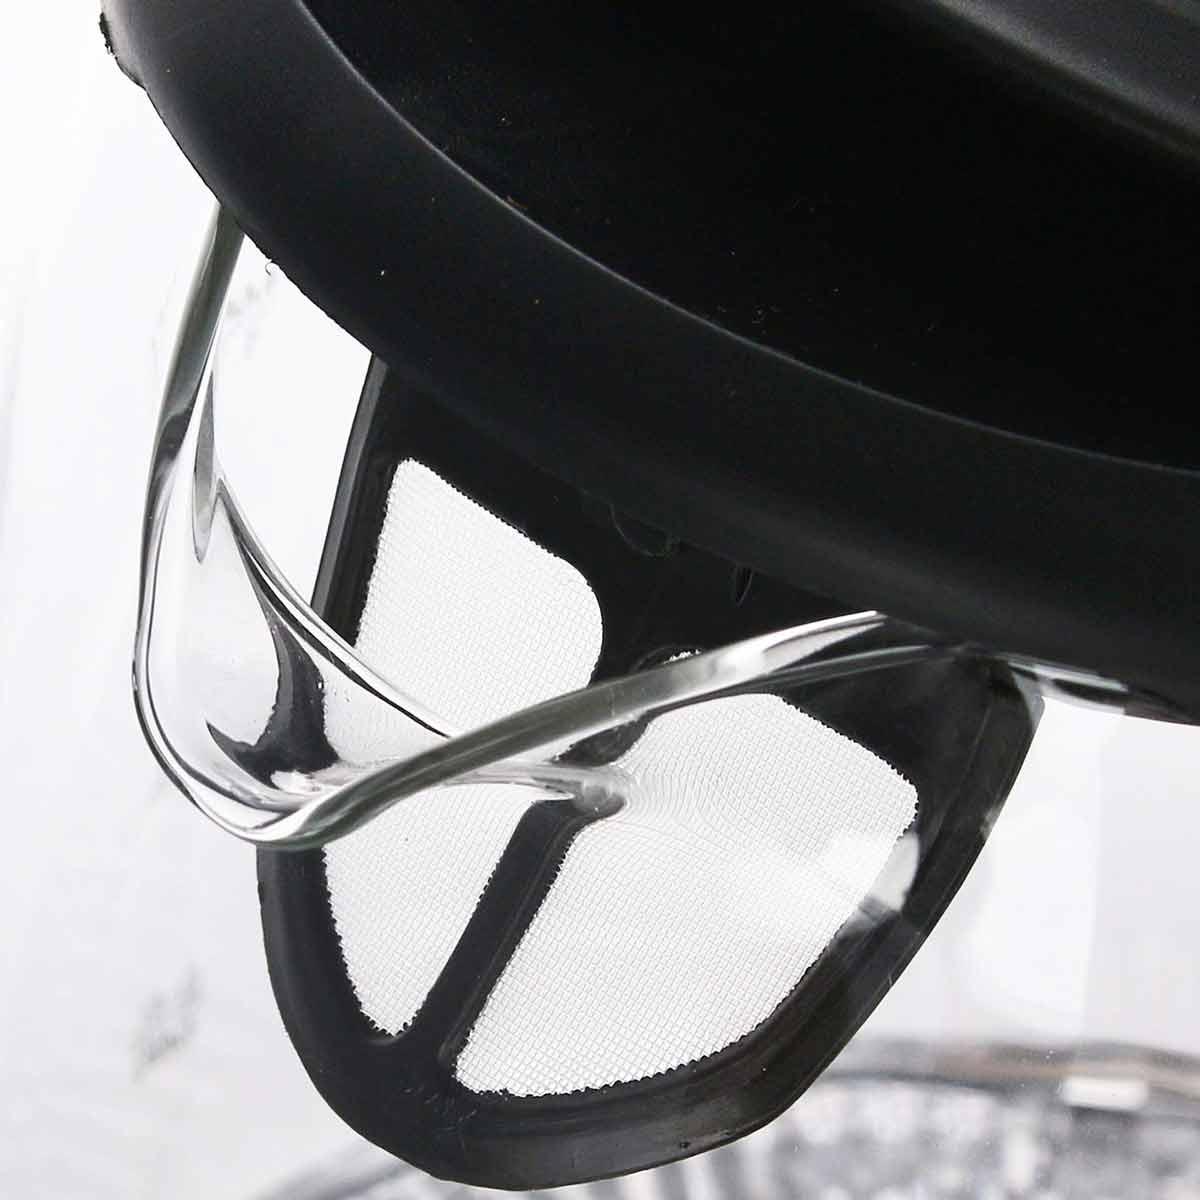 Emerio WK-119988 Glas-Wasserkocher 1,7 Liter – Bild 3